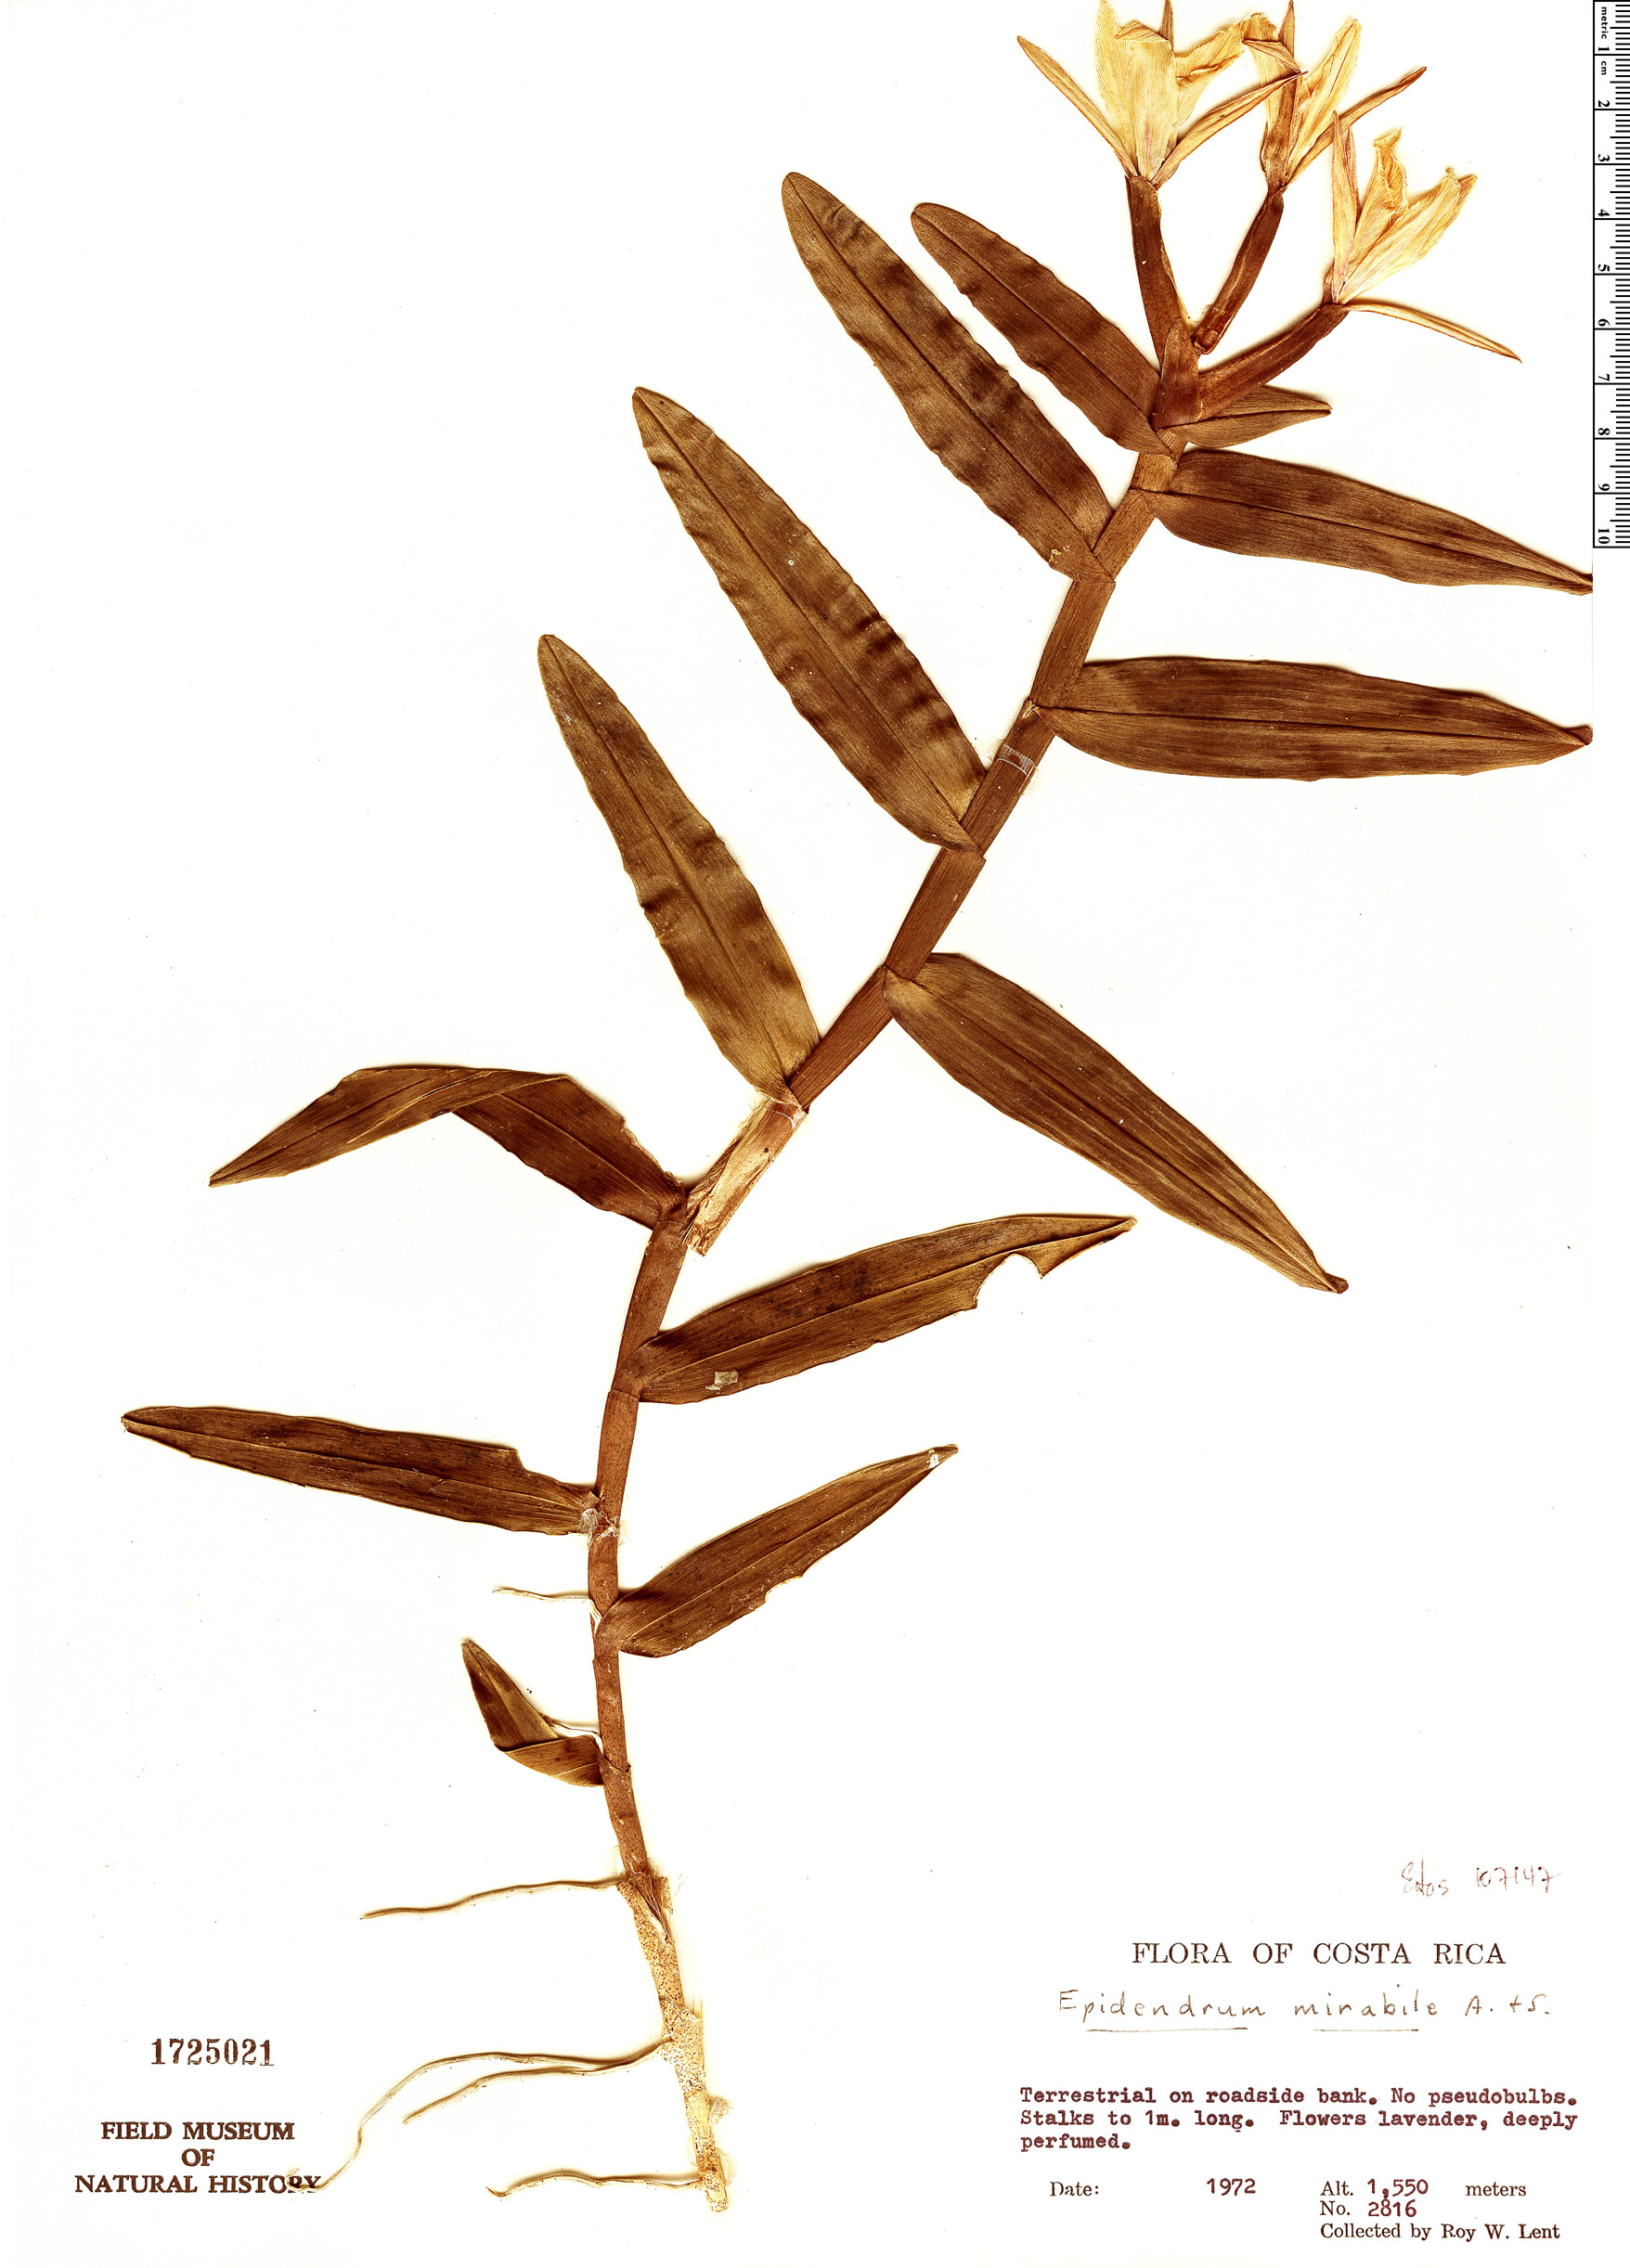 Espécimen: Epidendrum mirabile